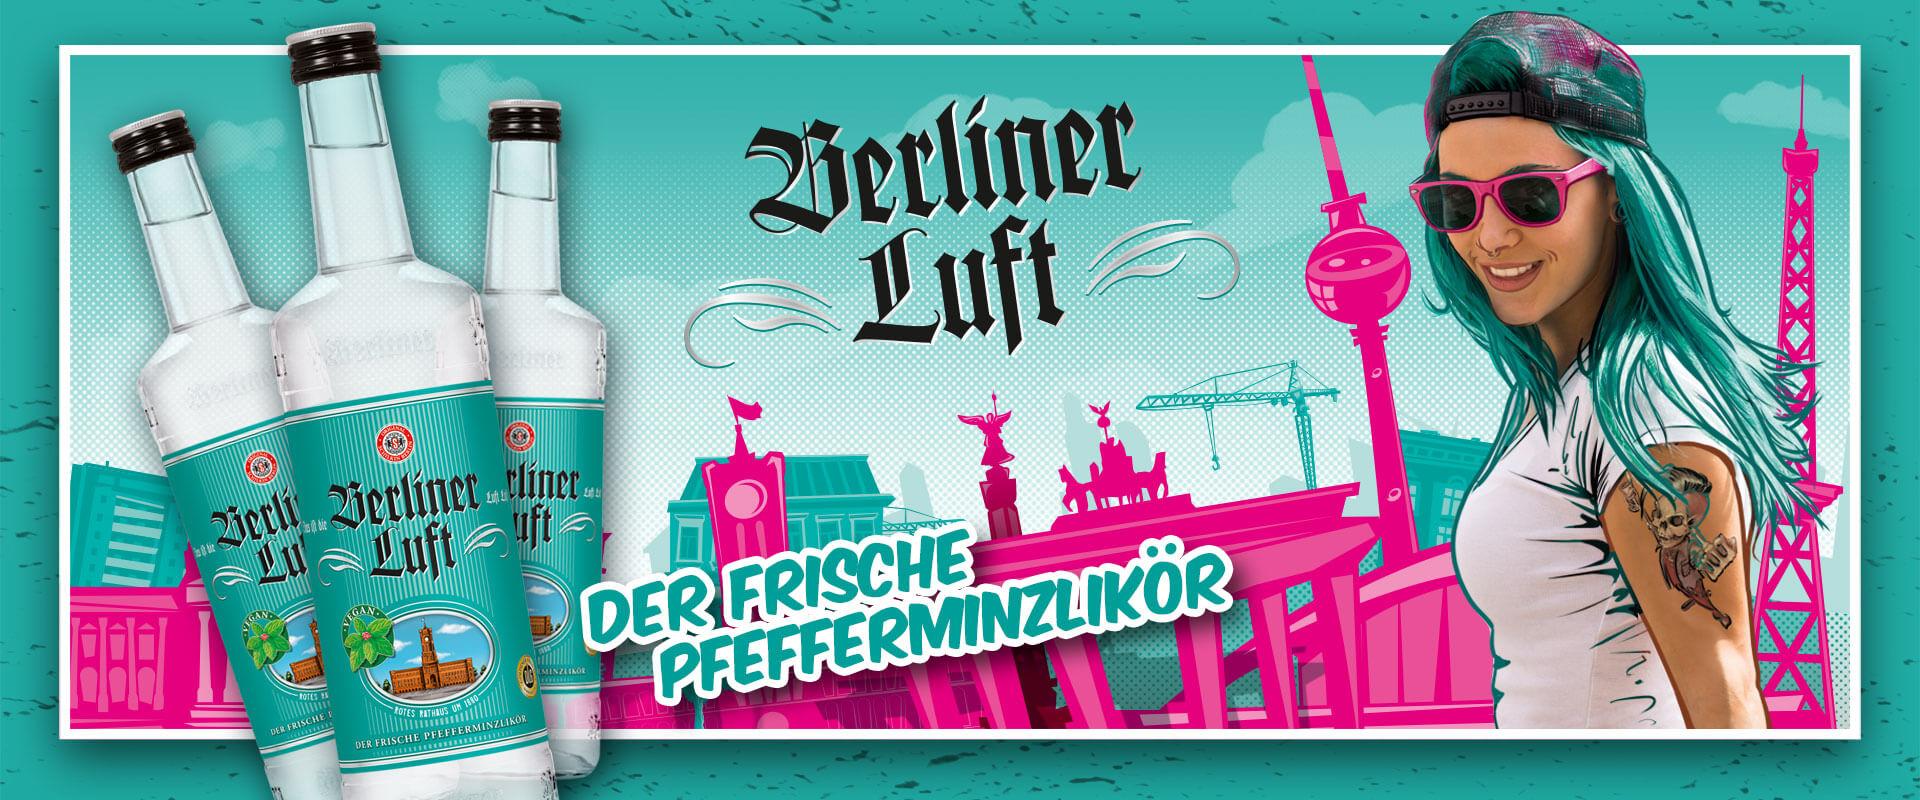 Berliner Luft Banner mit Flasche, Model Emely und Logo